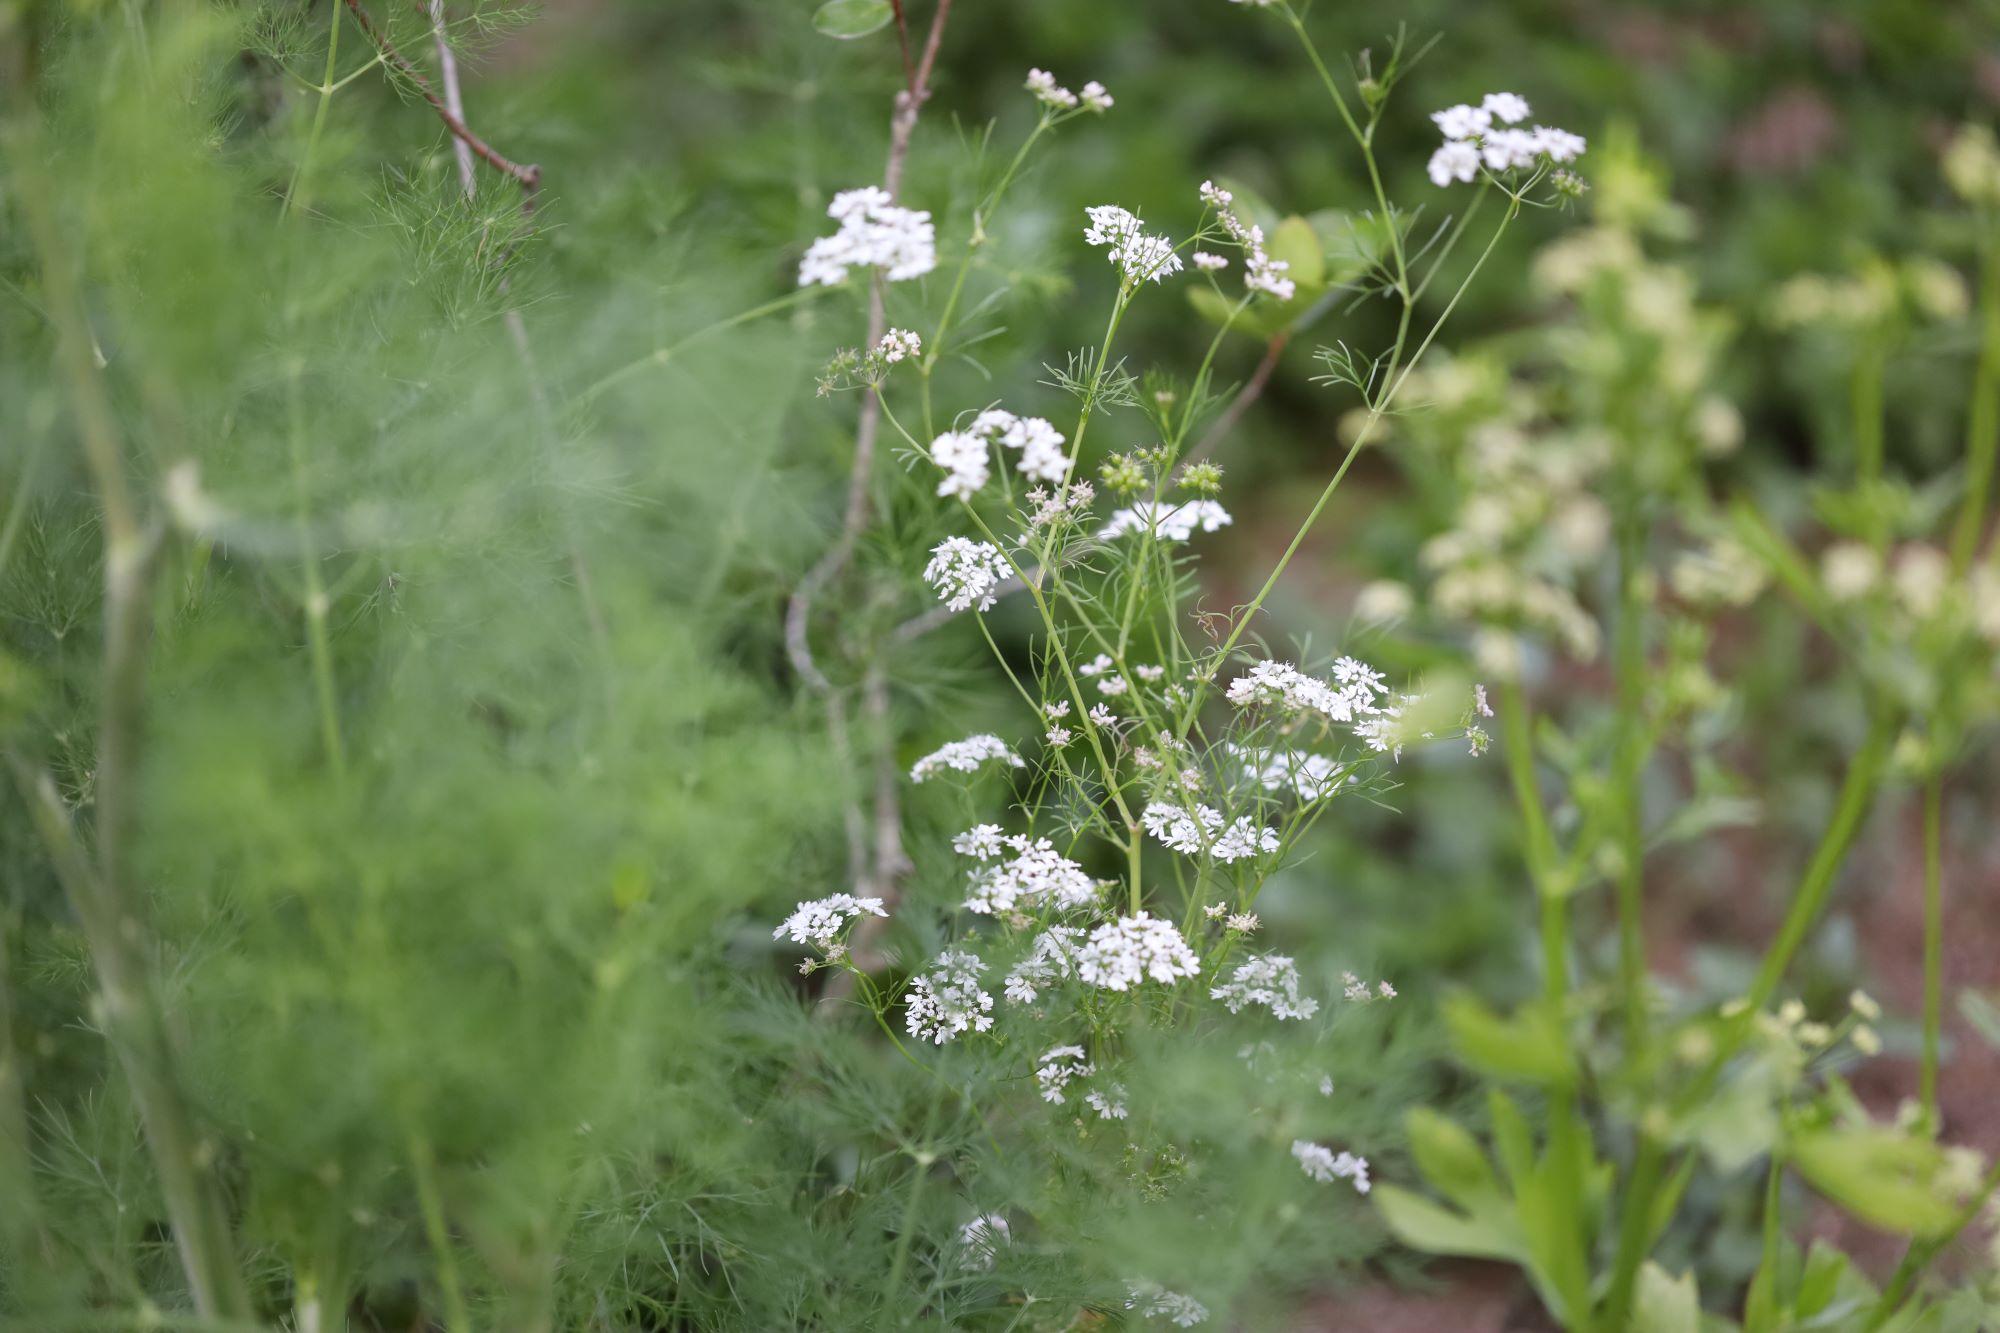 台所の窓の外に、昨年、ハーブ畑を作ったと言う。春先に植えたコリアンダーやディルに花が咲き、さまざまな種類のミントが元気に葉を茂らせている。